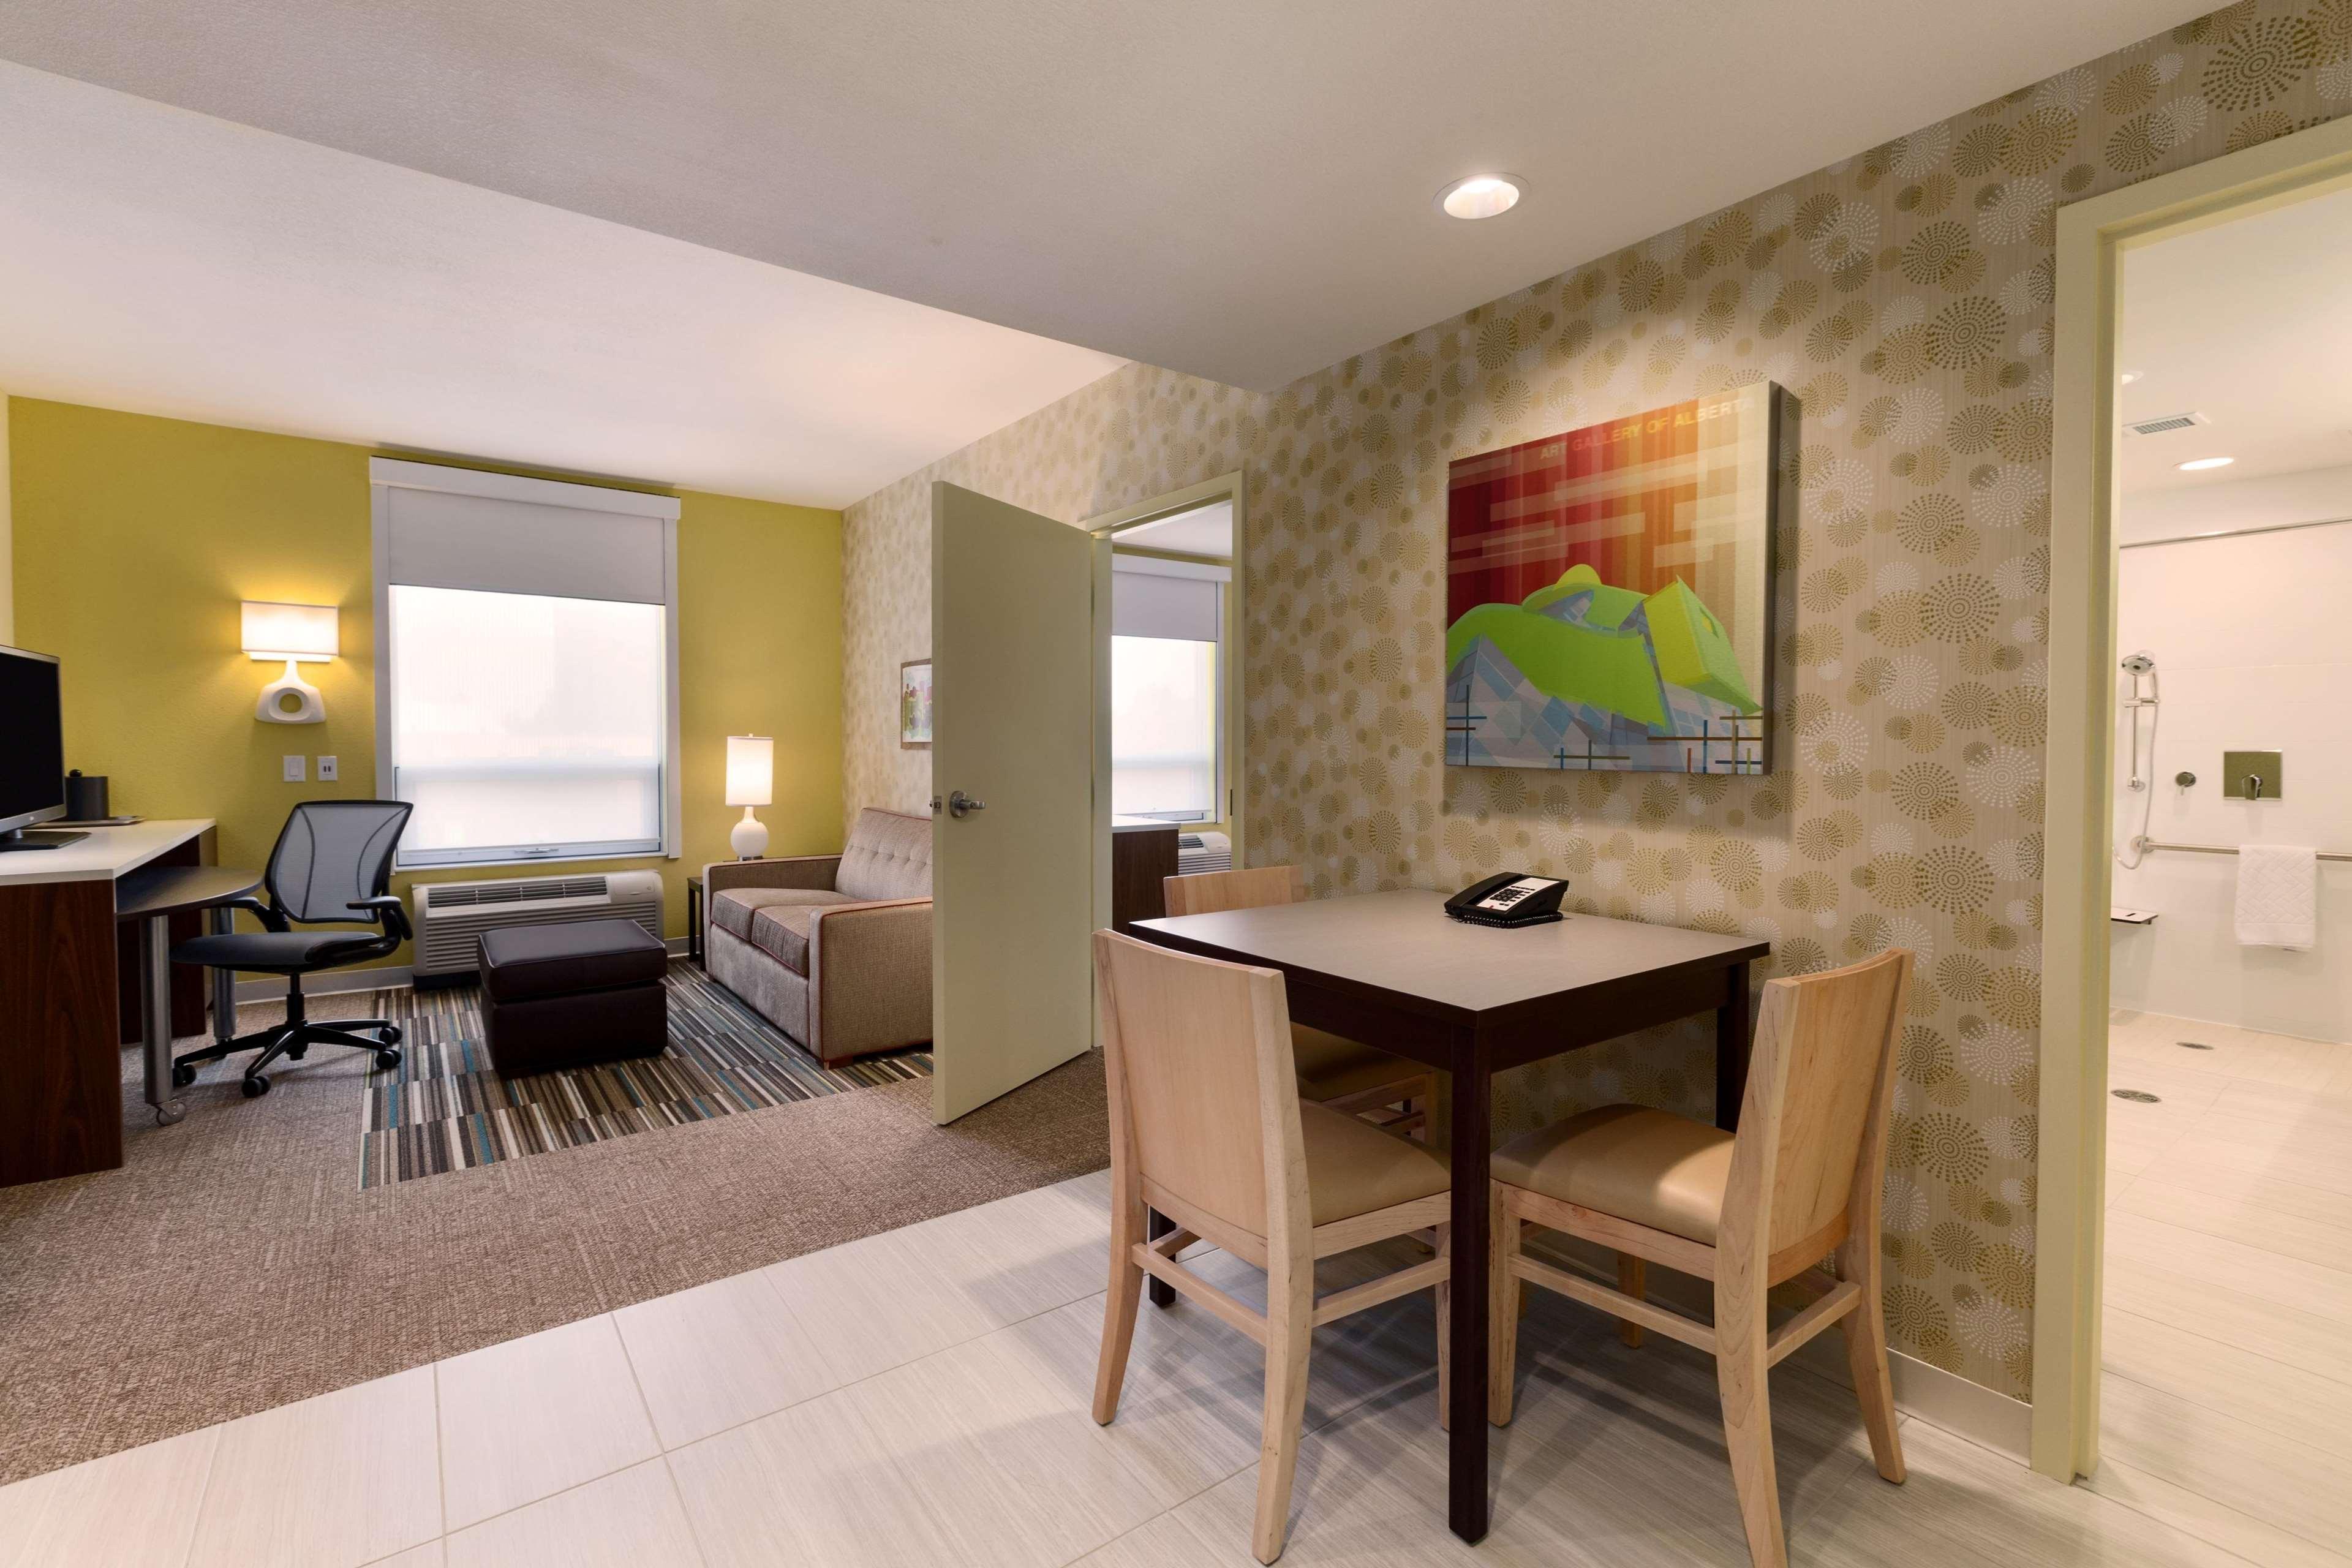 Home2 Suites by Hilton West Edmonton, Alberta, Canada à Edmonton: 1 Queen Accessible Suite